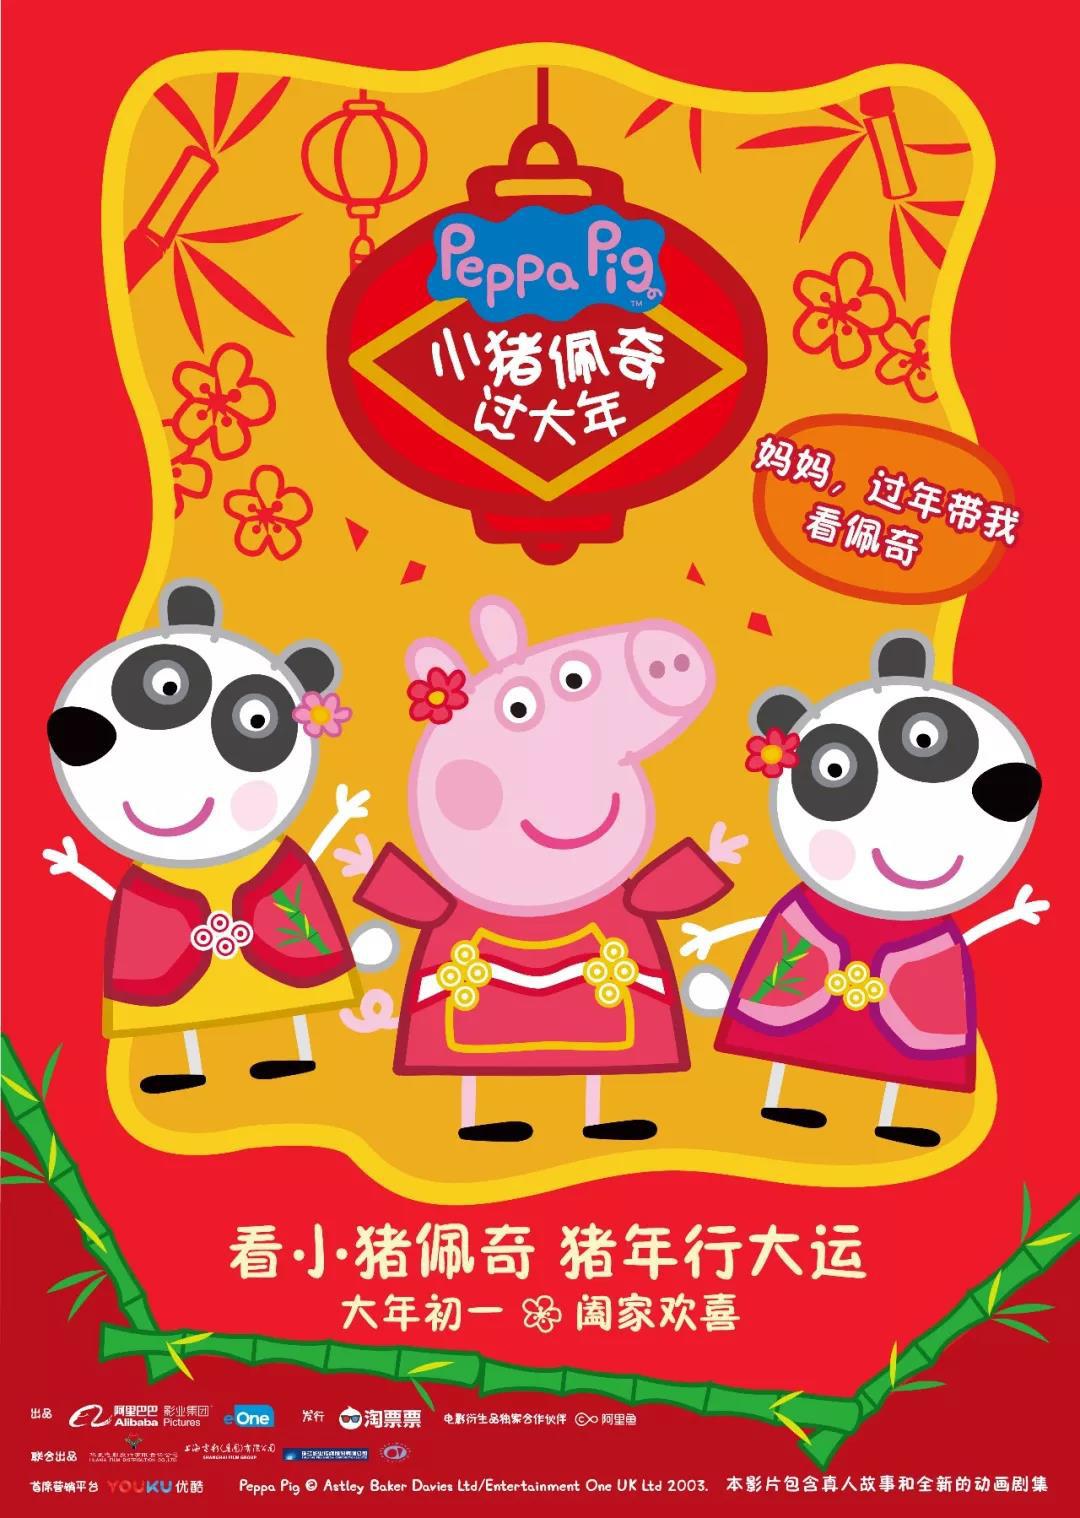 给孩子的礼物 揭秘《小猪佩奇过大年》电影的诞生